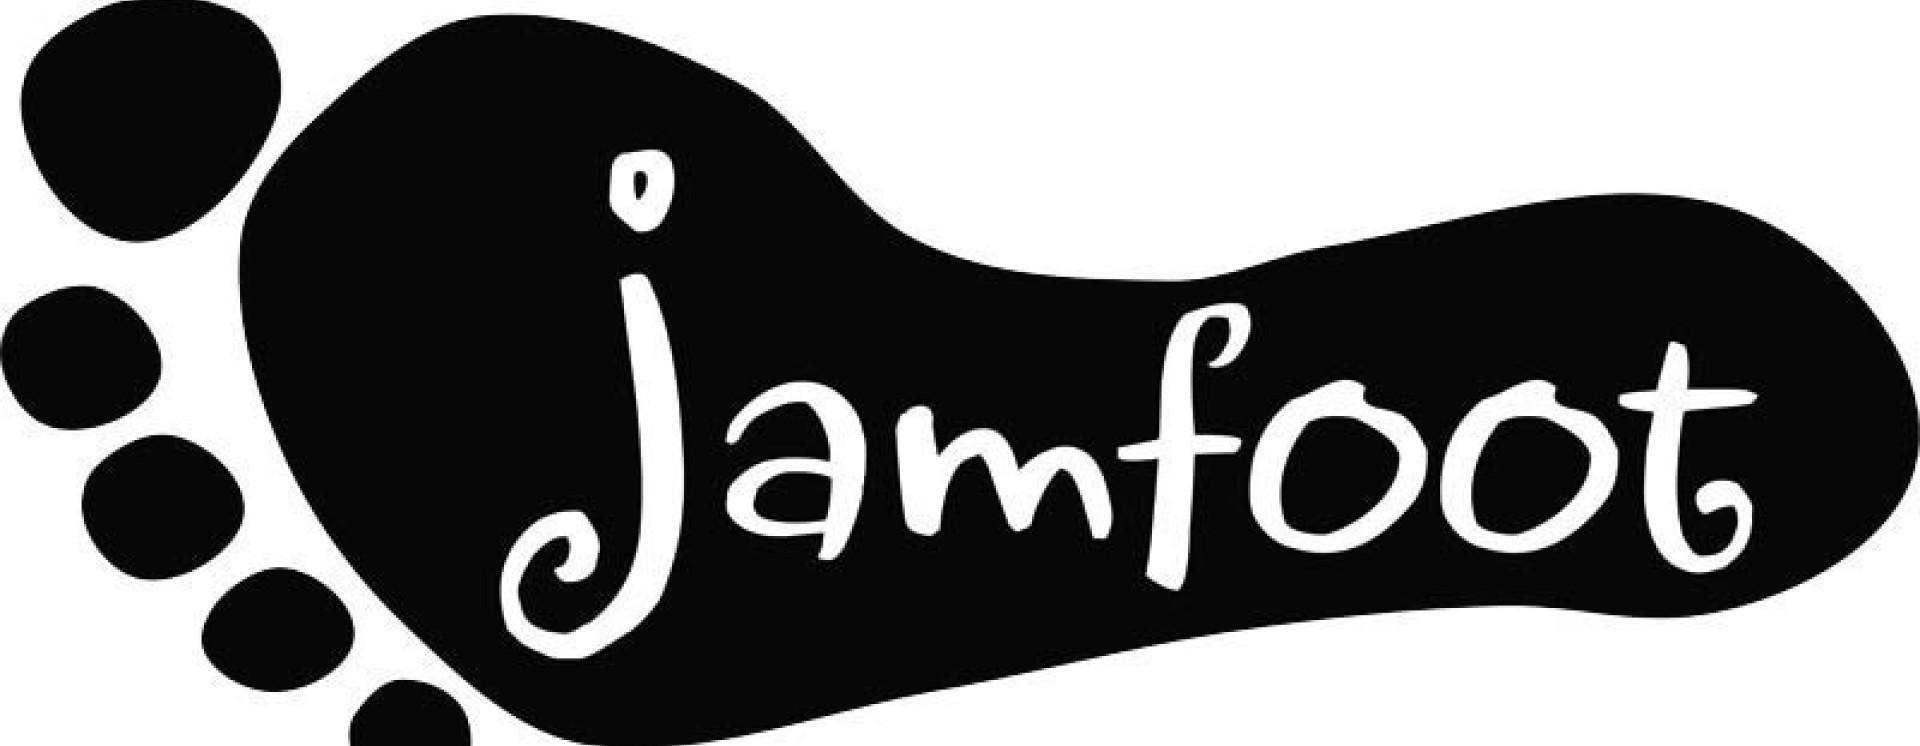 Jamfootbannerwithoutweb 1268863031 copy